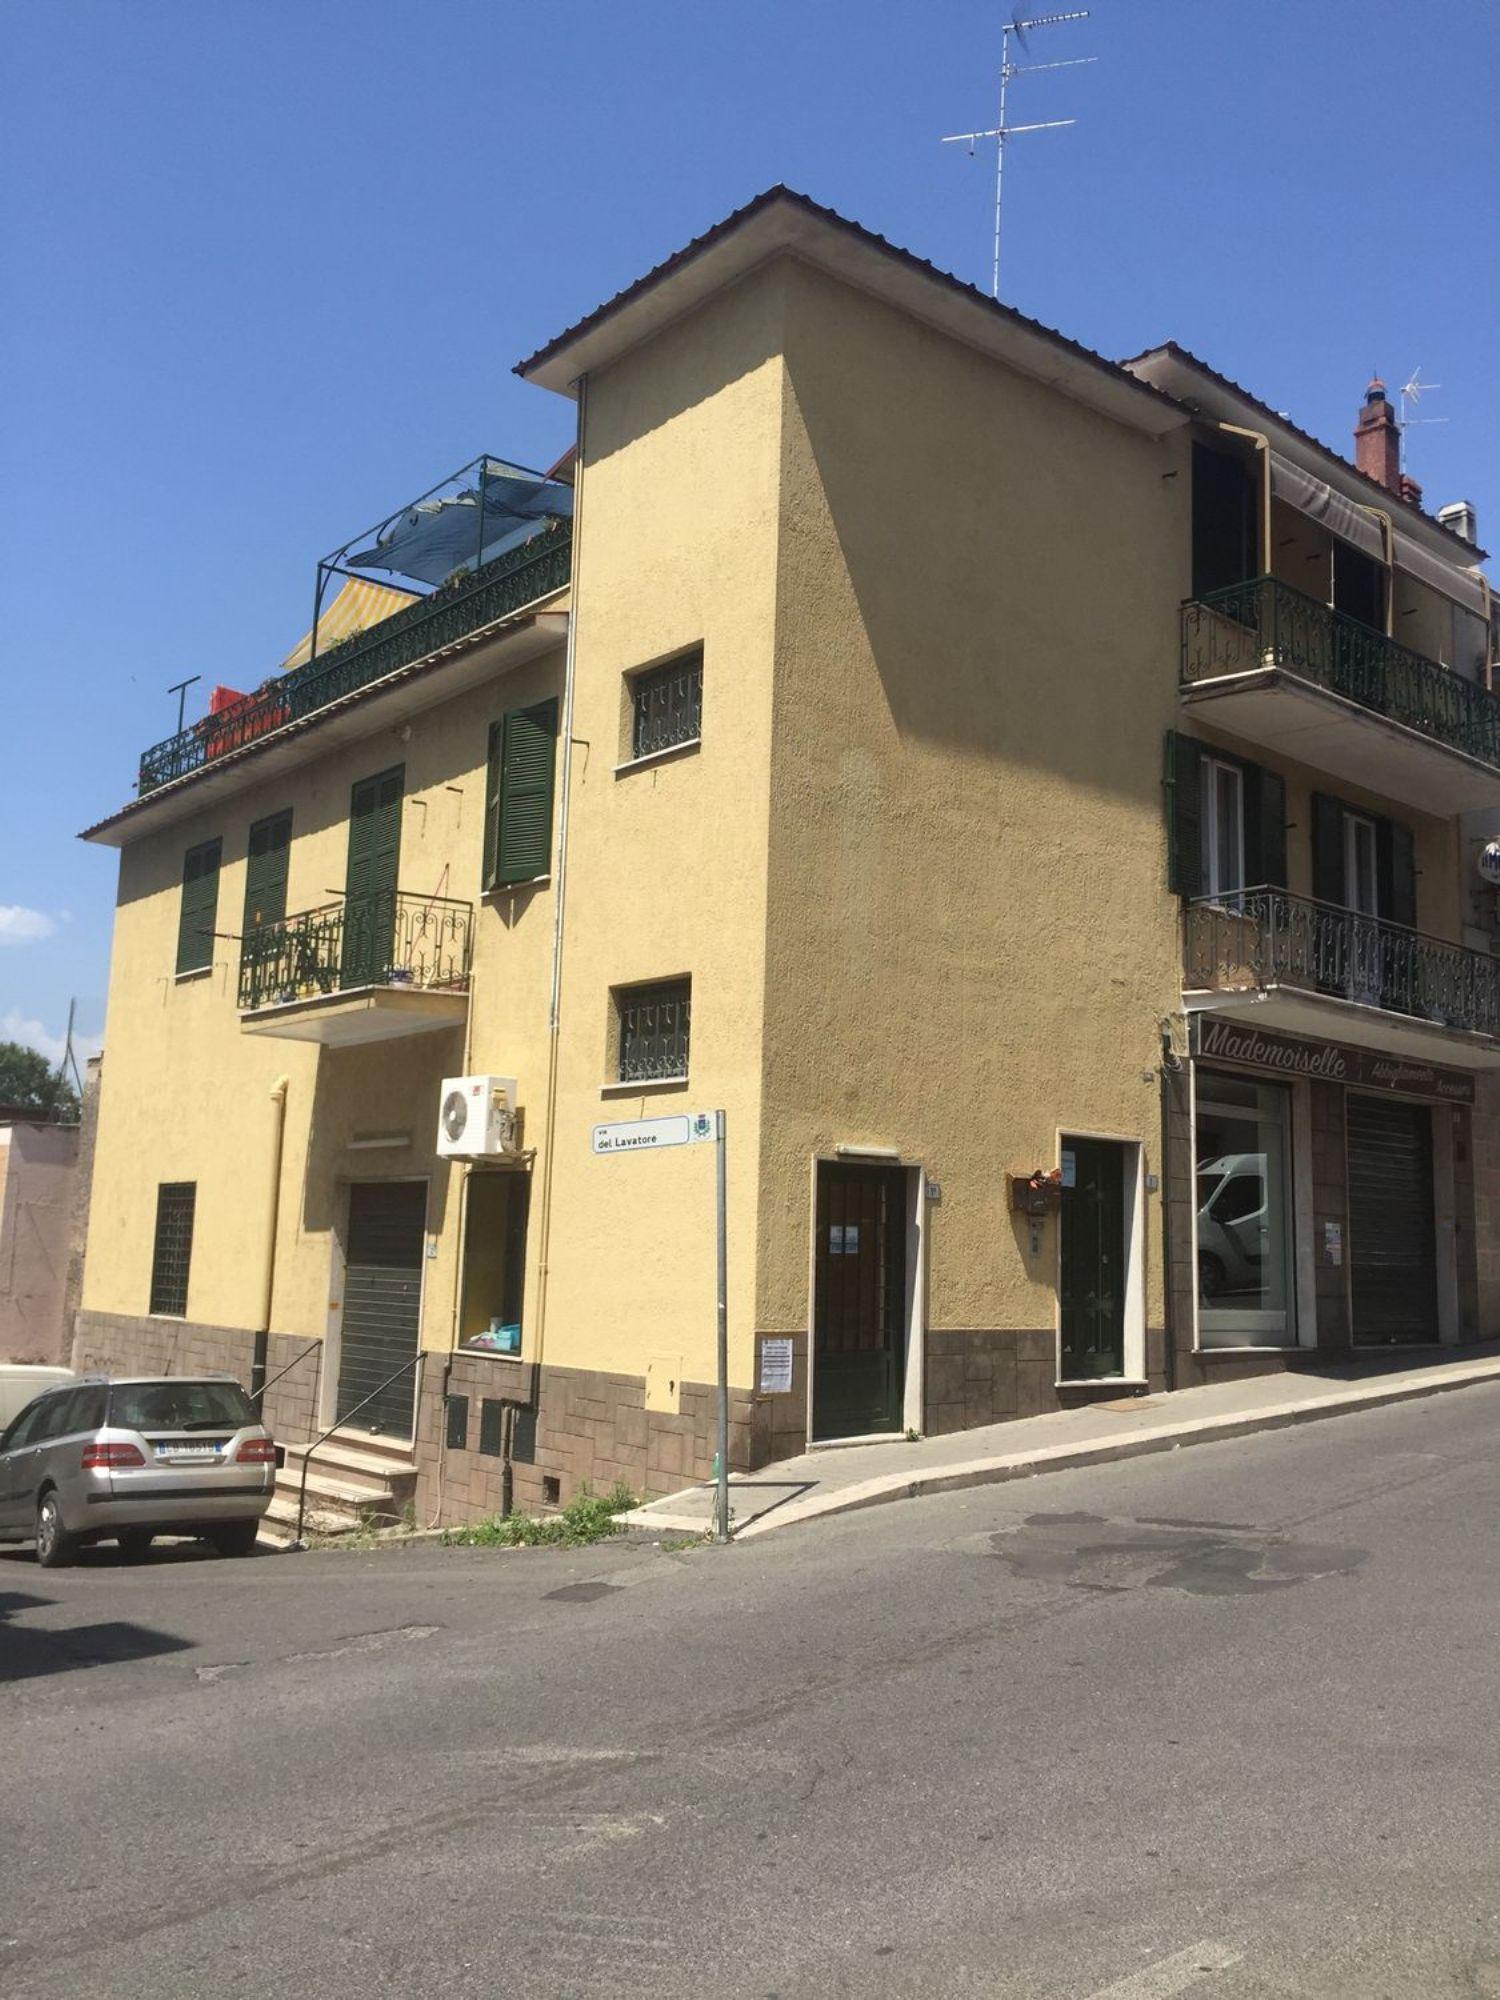 Immobile Commerciale in affitto a Cerveteri, 9999 locali, prezzo € 700 | Cambio Casa.it